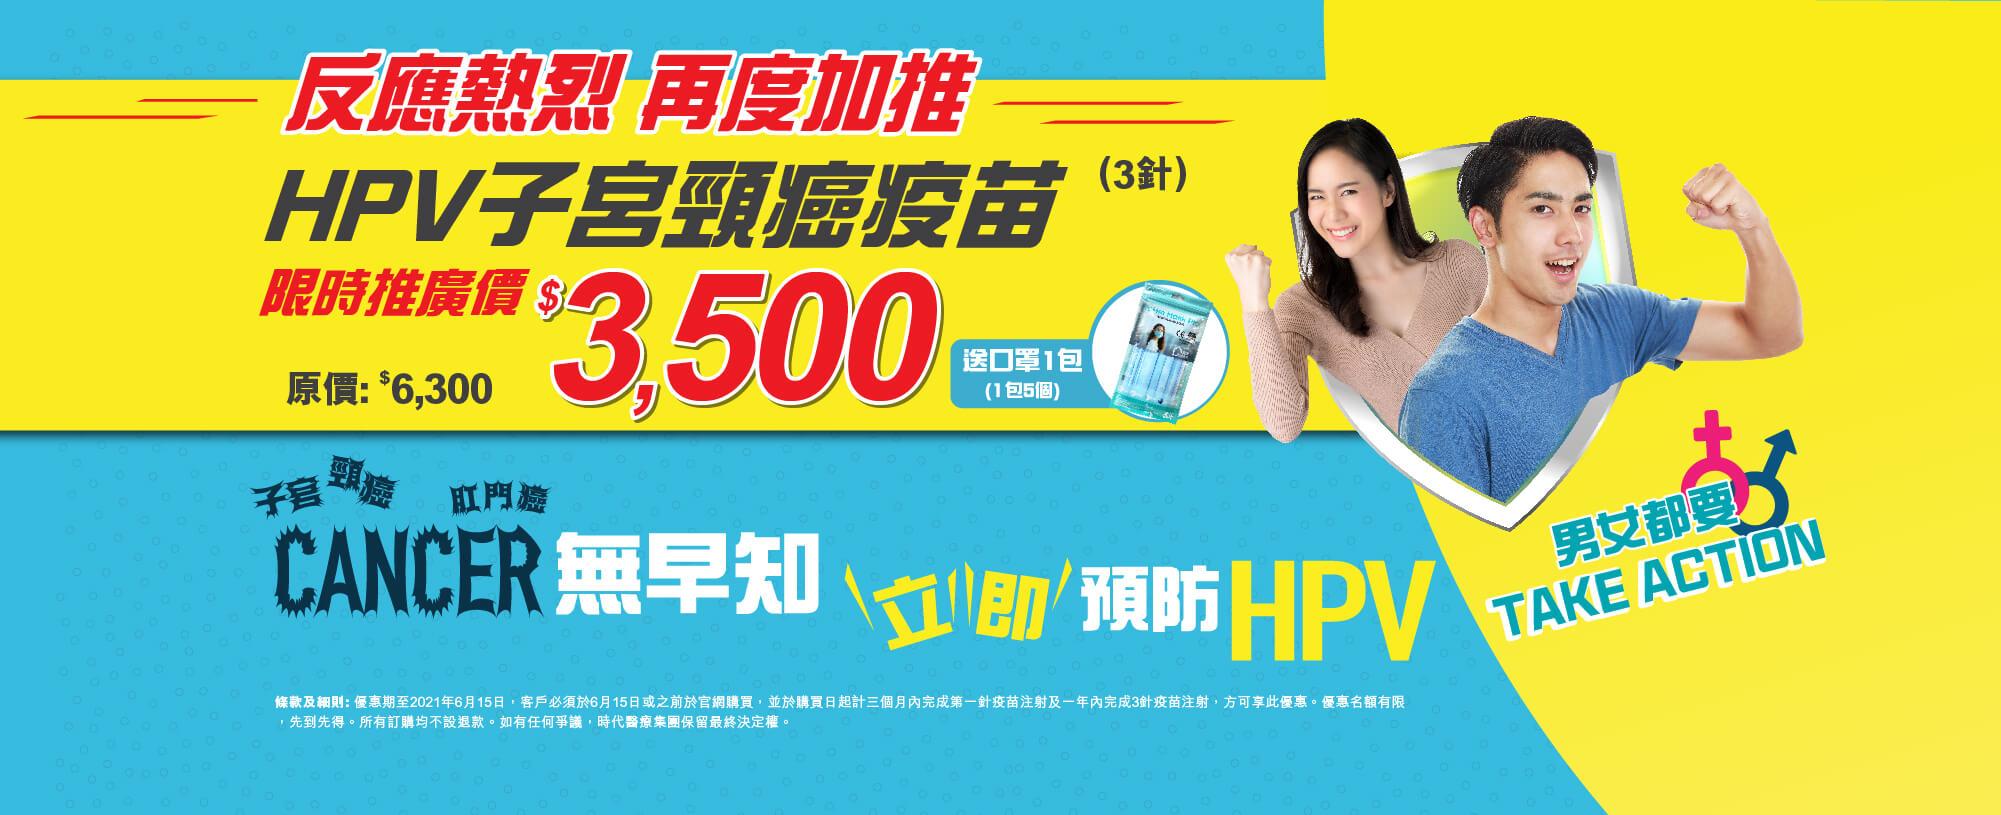 HPV疫苗限時優惠